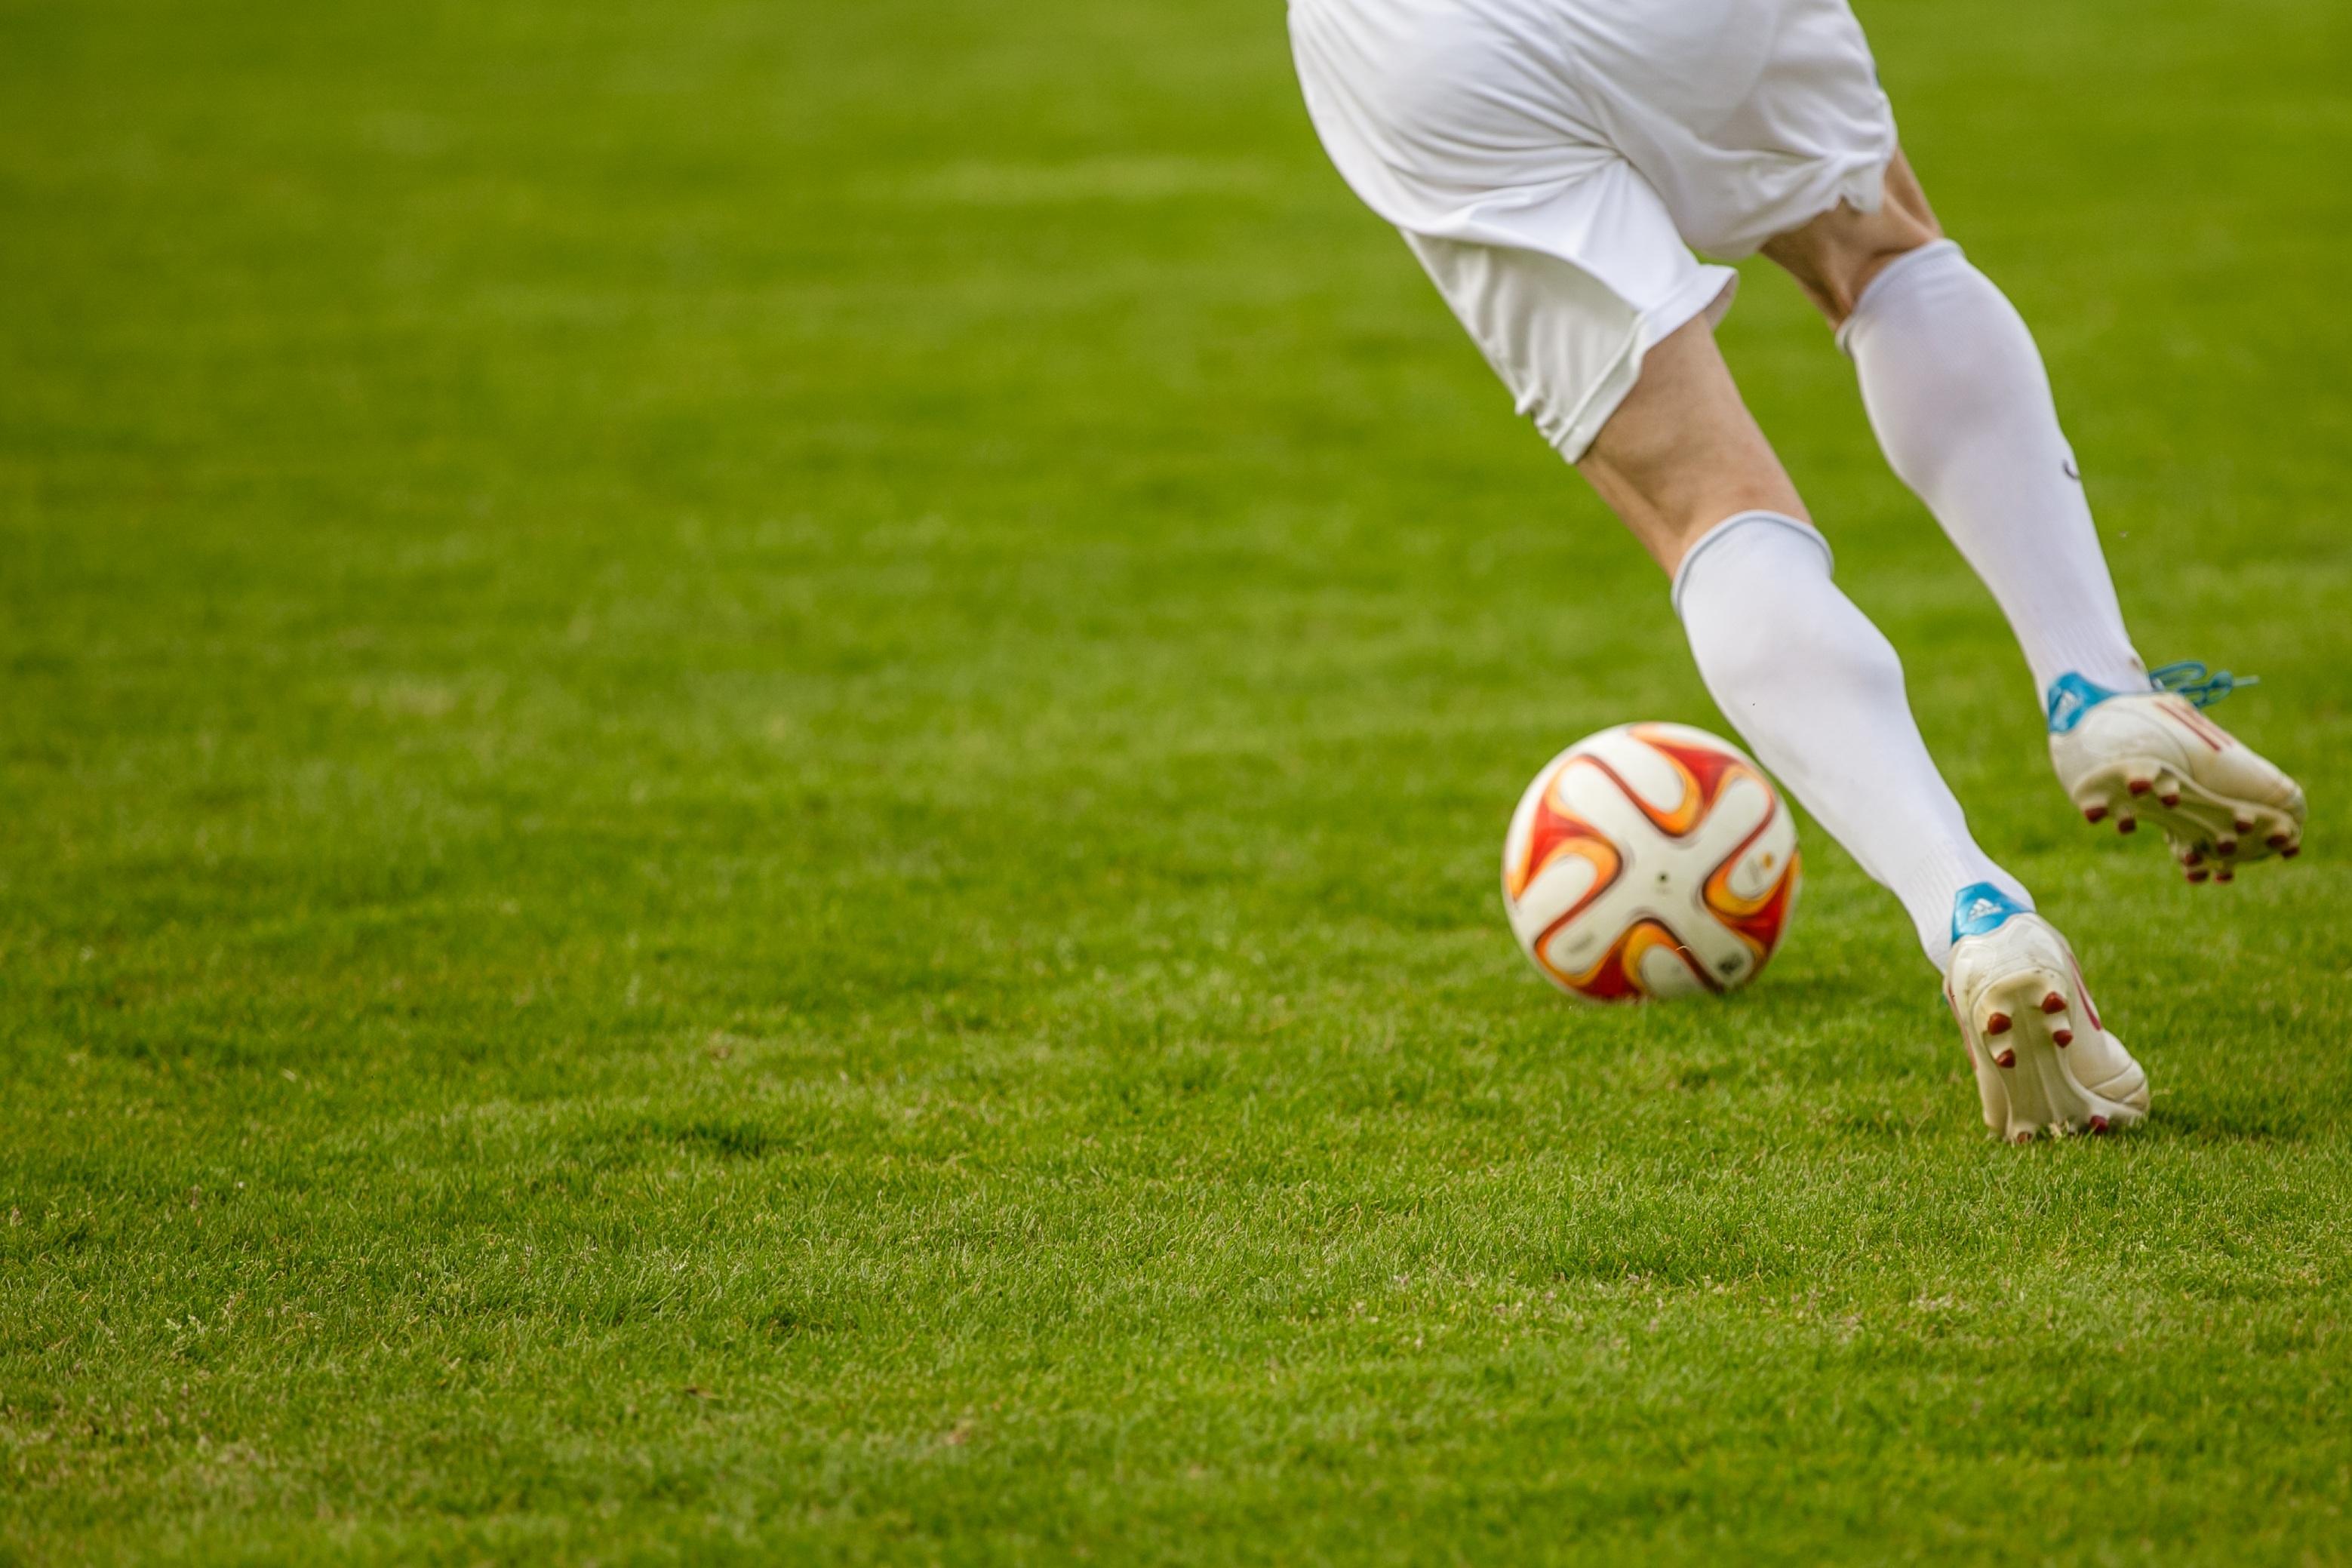 Los equipos deberán pasar tests PCR 2 o 3 días antes de cada partido europeo